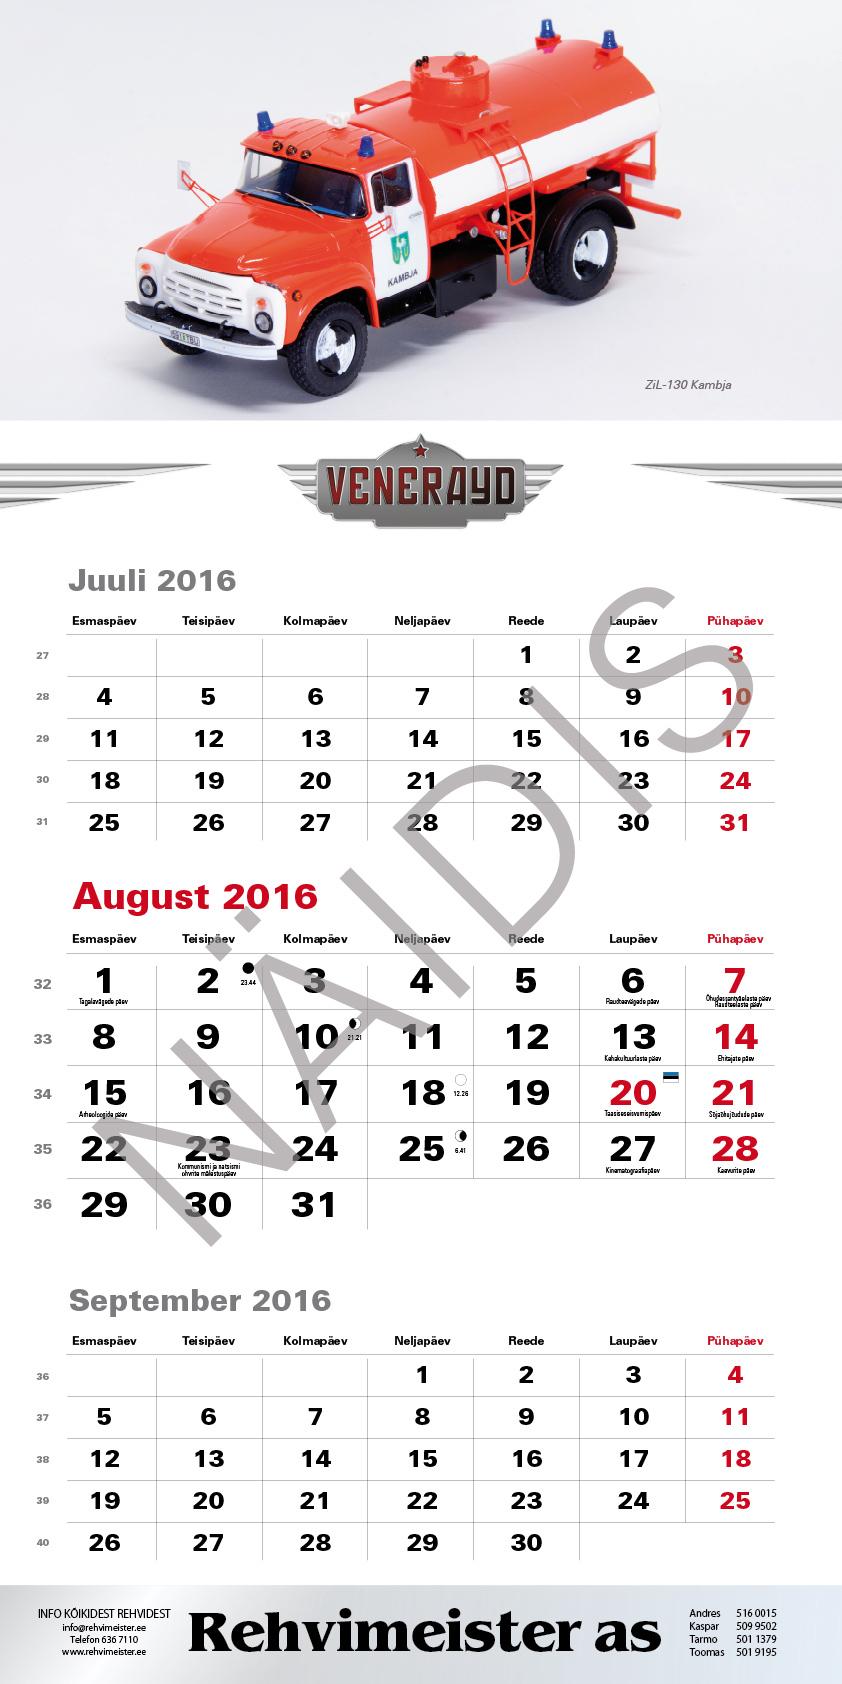 Veneraud_kalender_2016_9